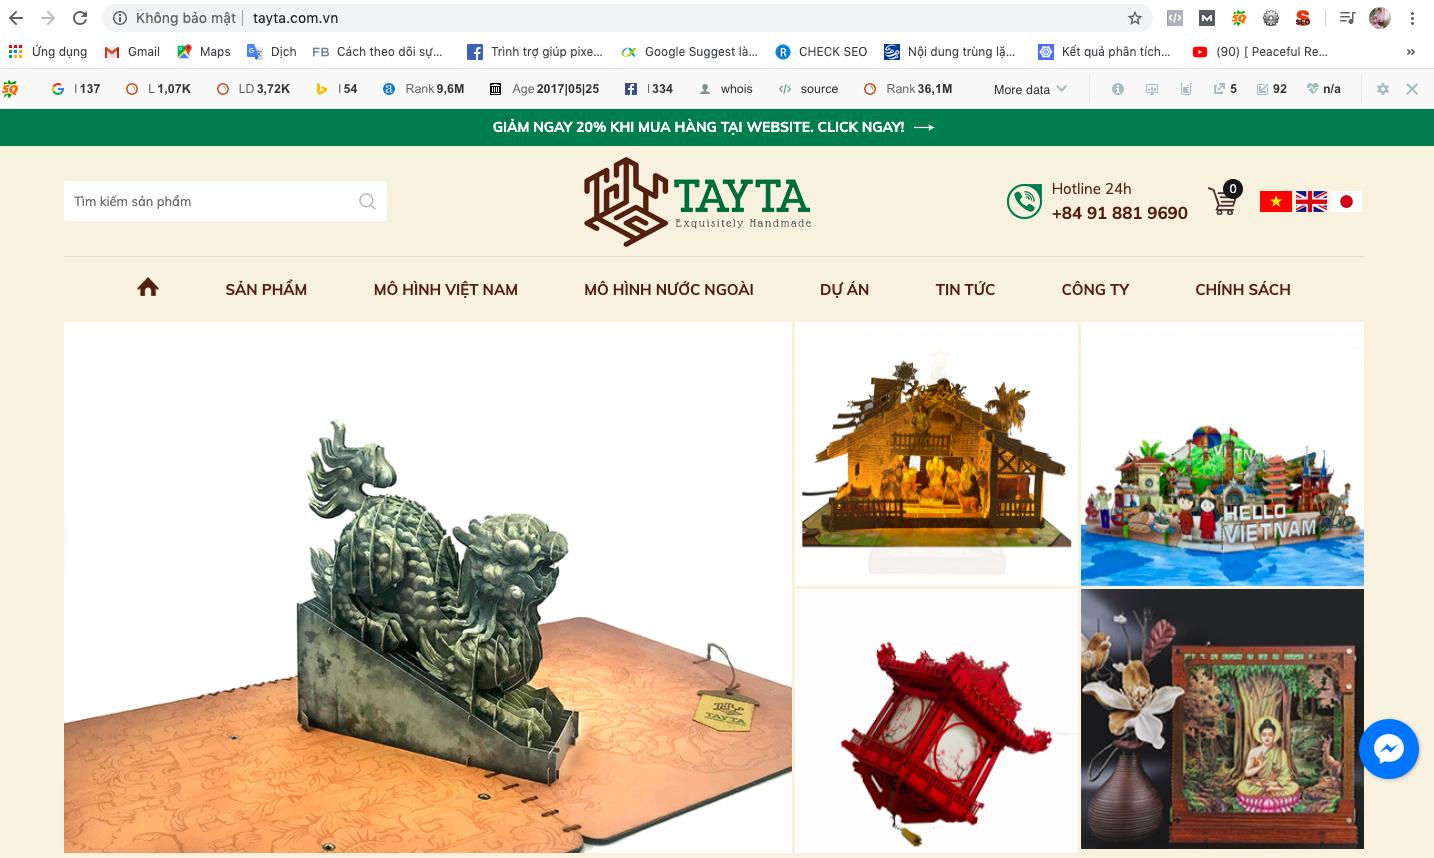 Mua thiệp 3D tại website Tayta để nhận được nhiều ưu đãi